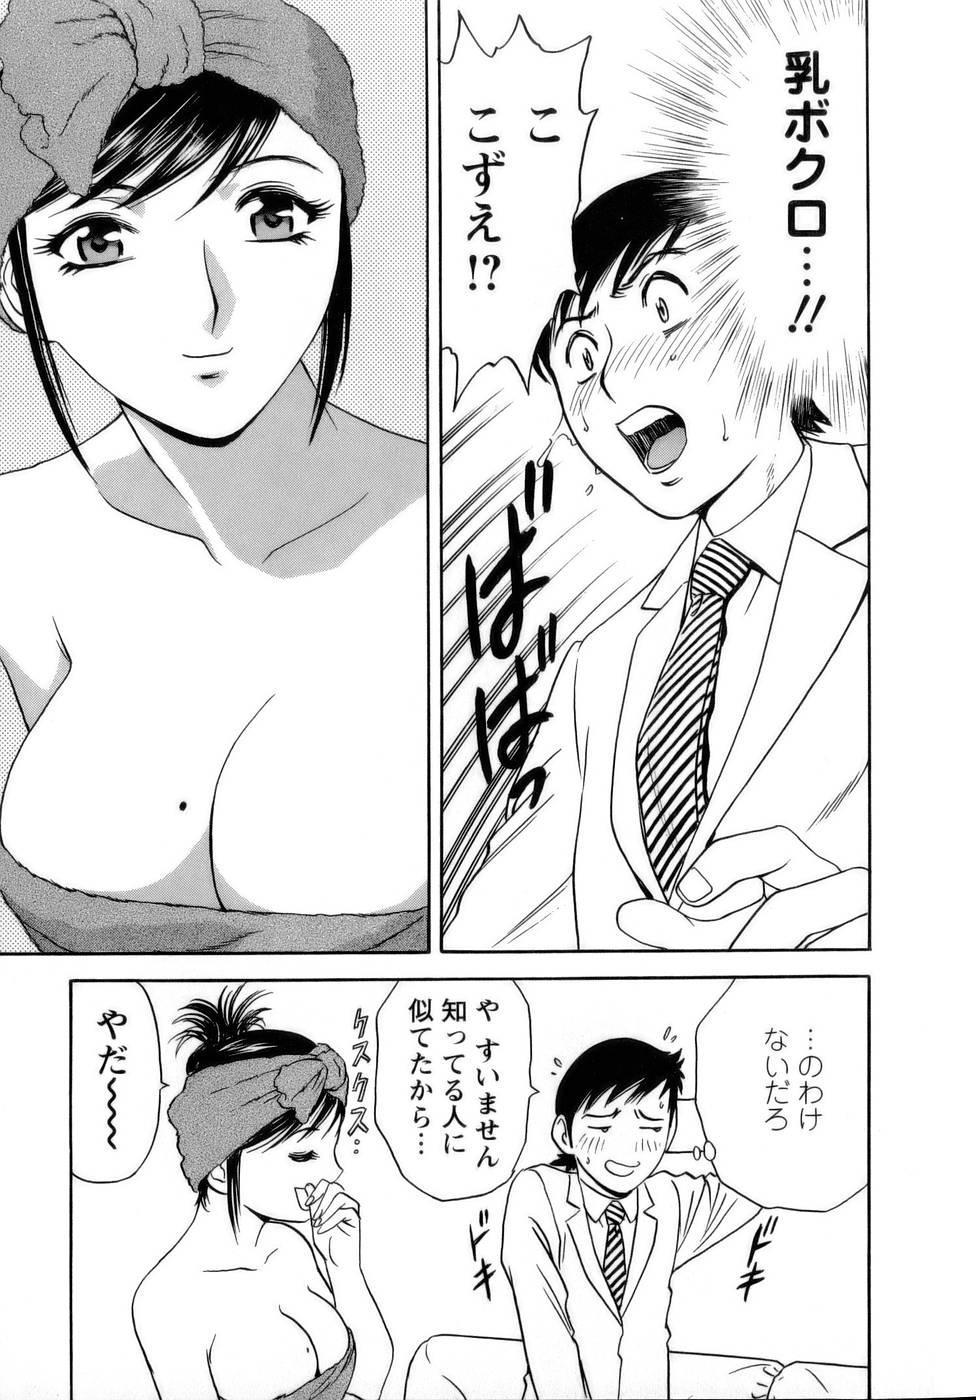 [Hidemaru] Mo-Retsu! Boin Sensei (Boing Boing Teacher) Vol.1 82